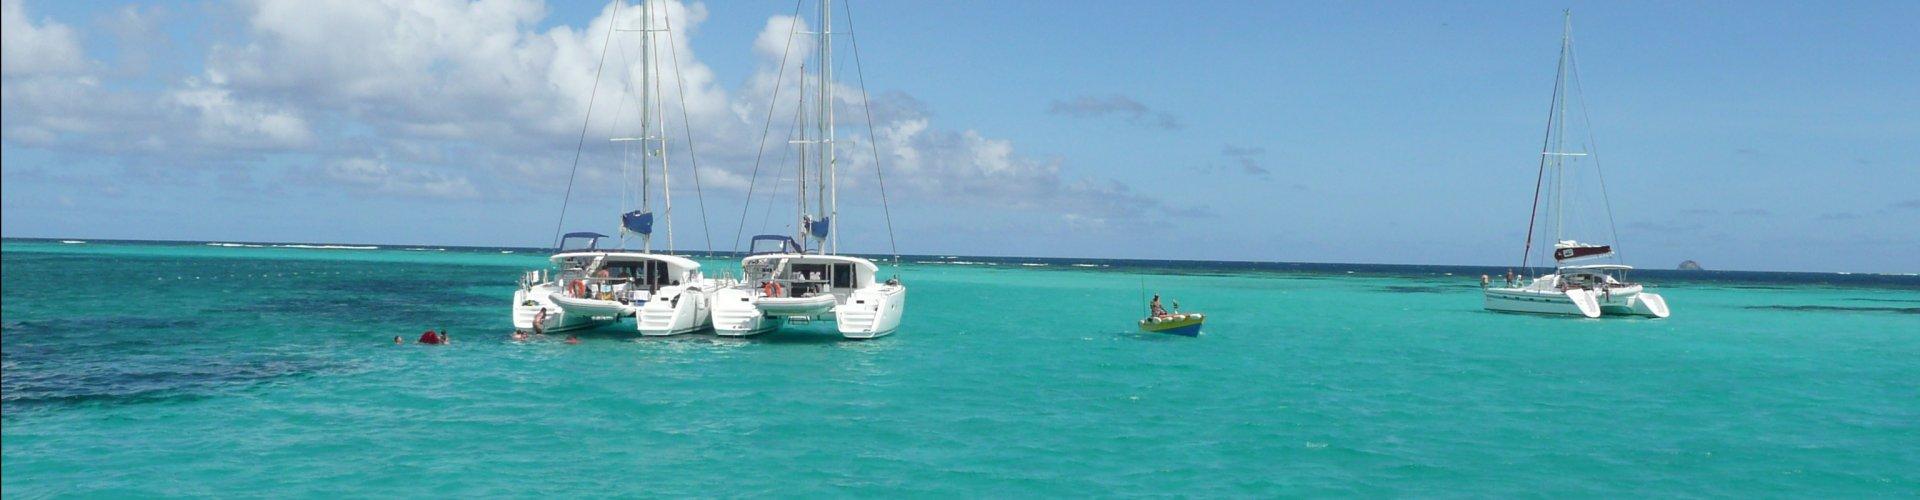 Catamaran voor anker